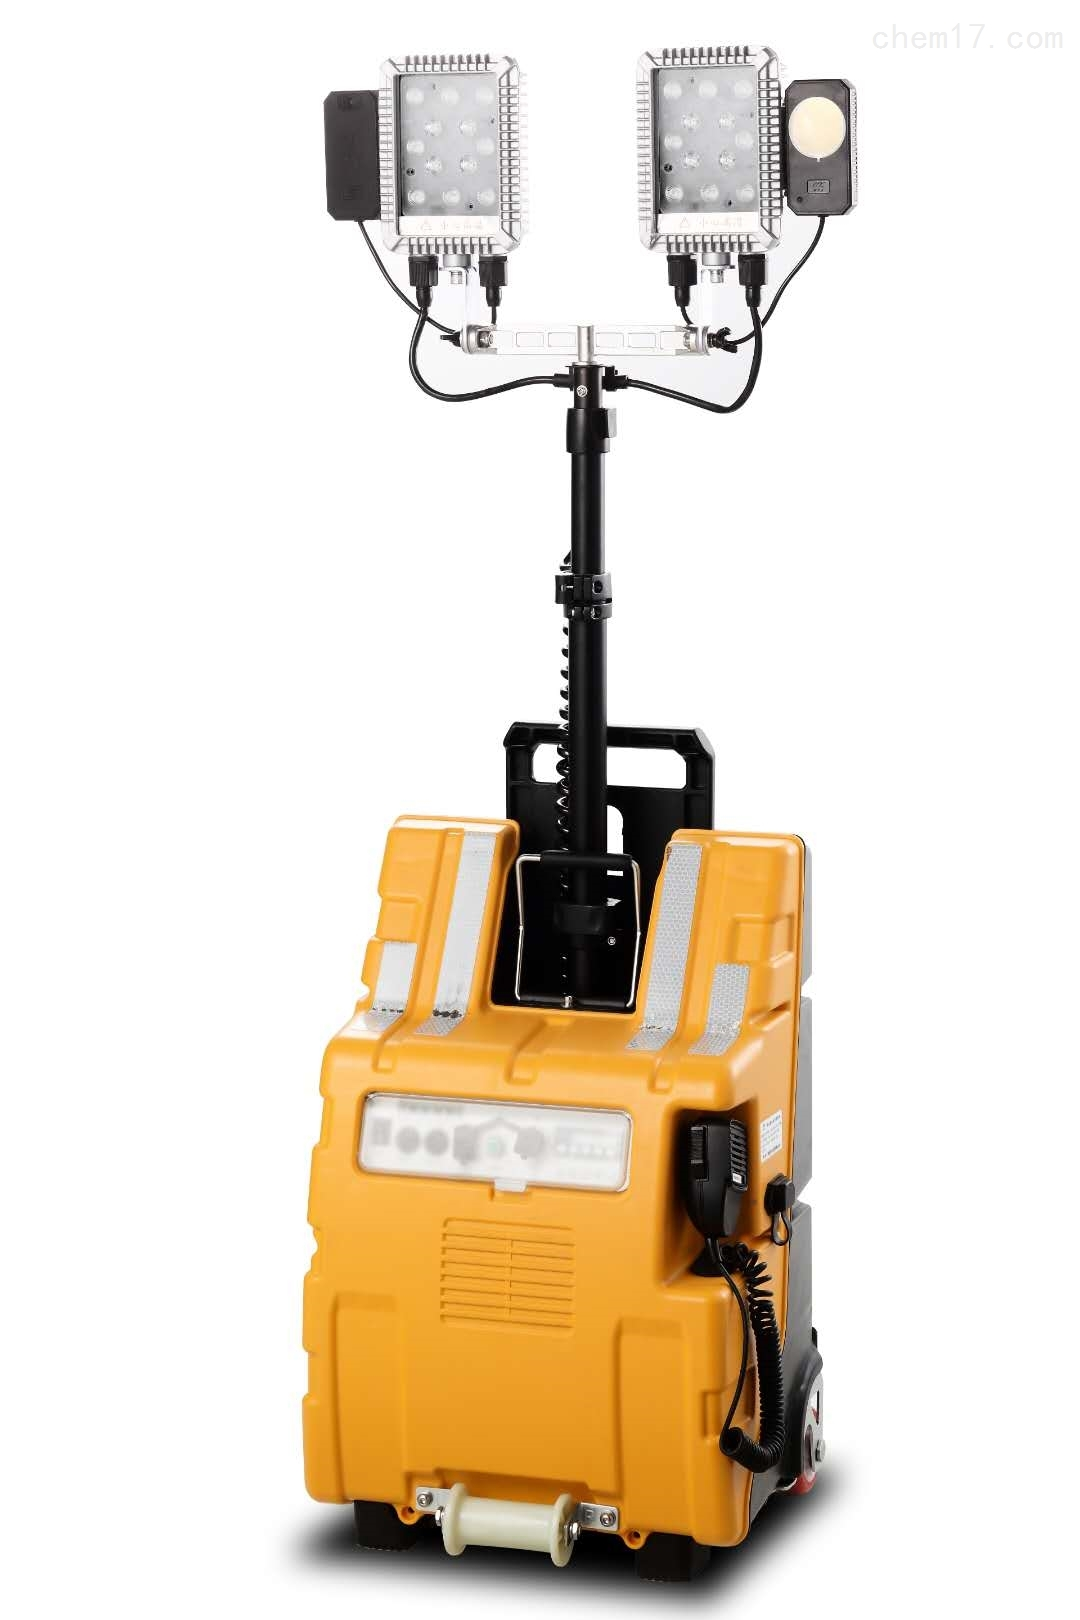 FW6128海洋王-多功能移动照明系统